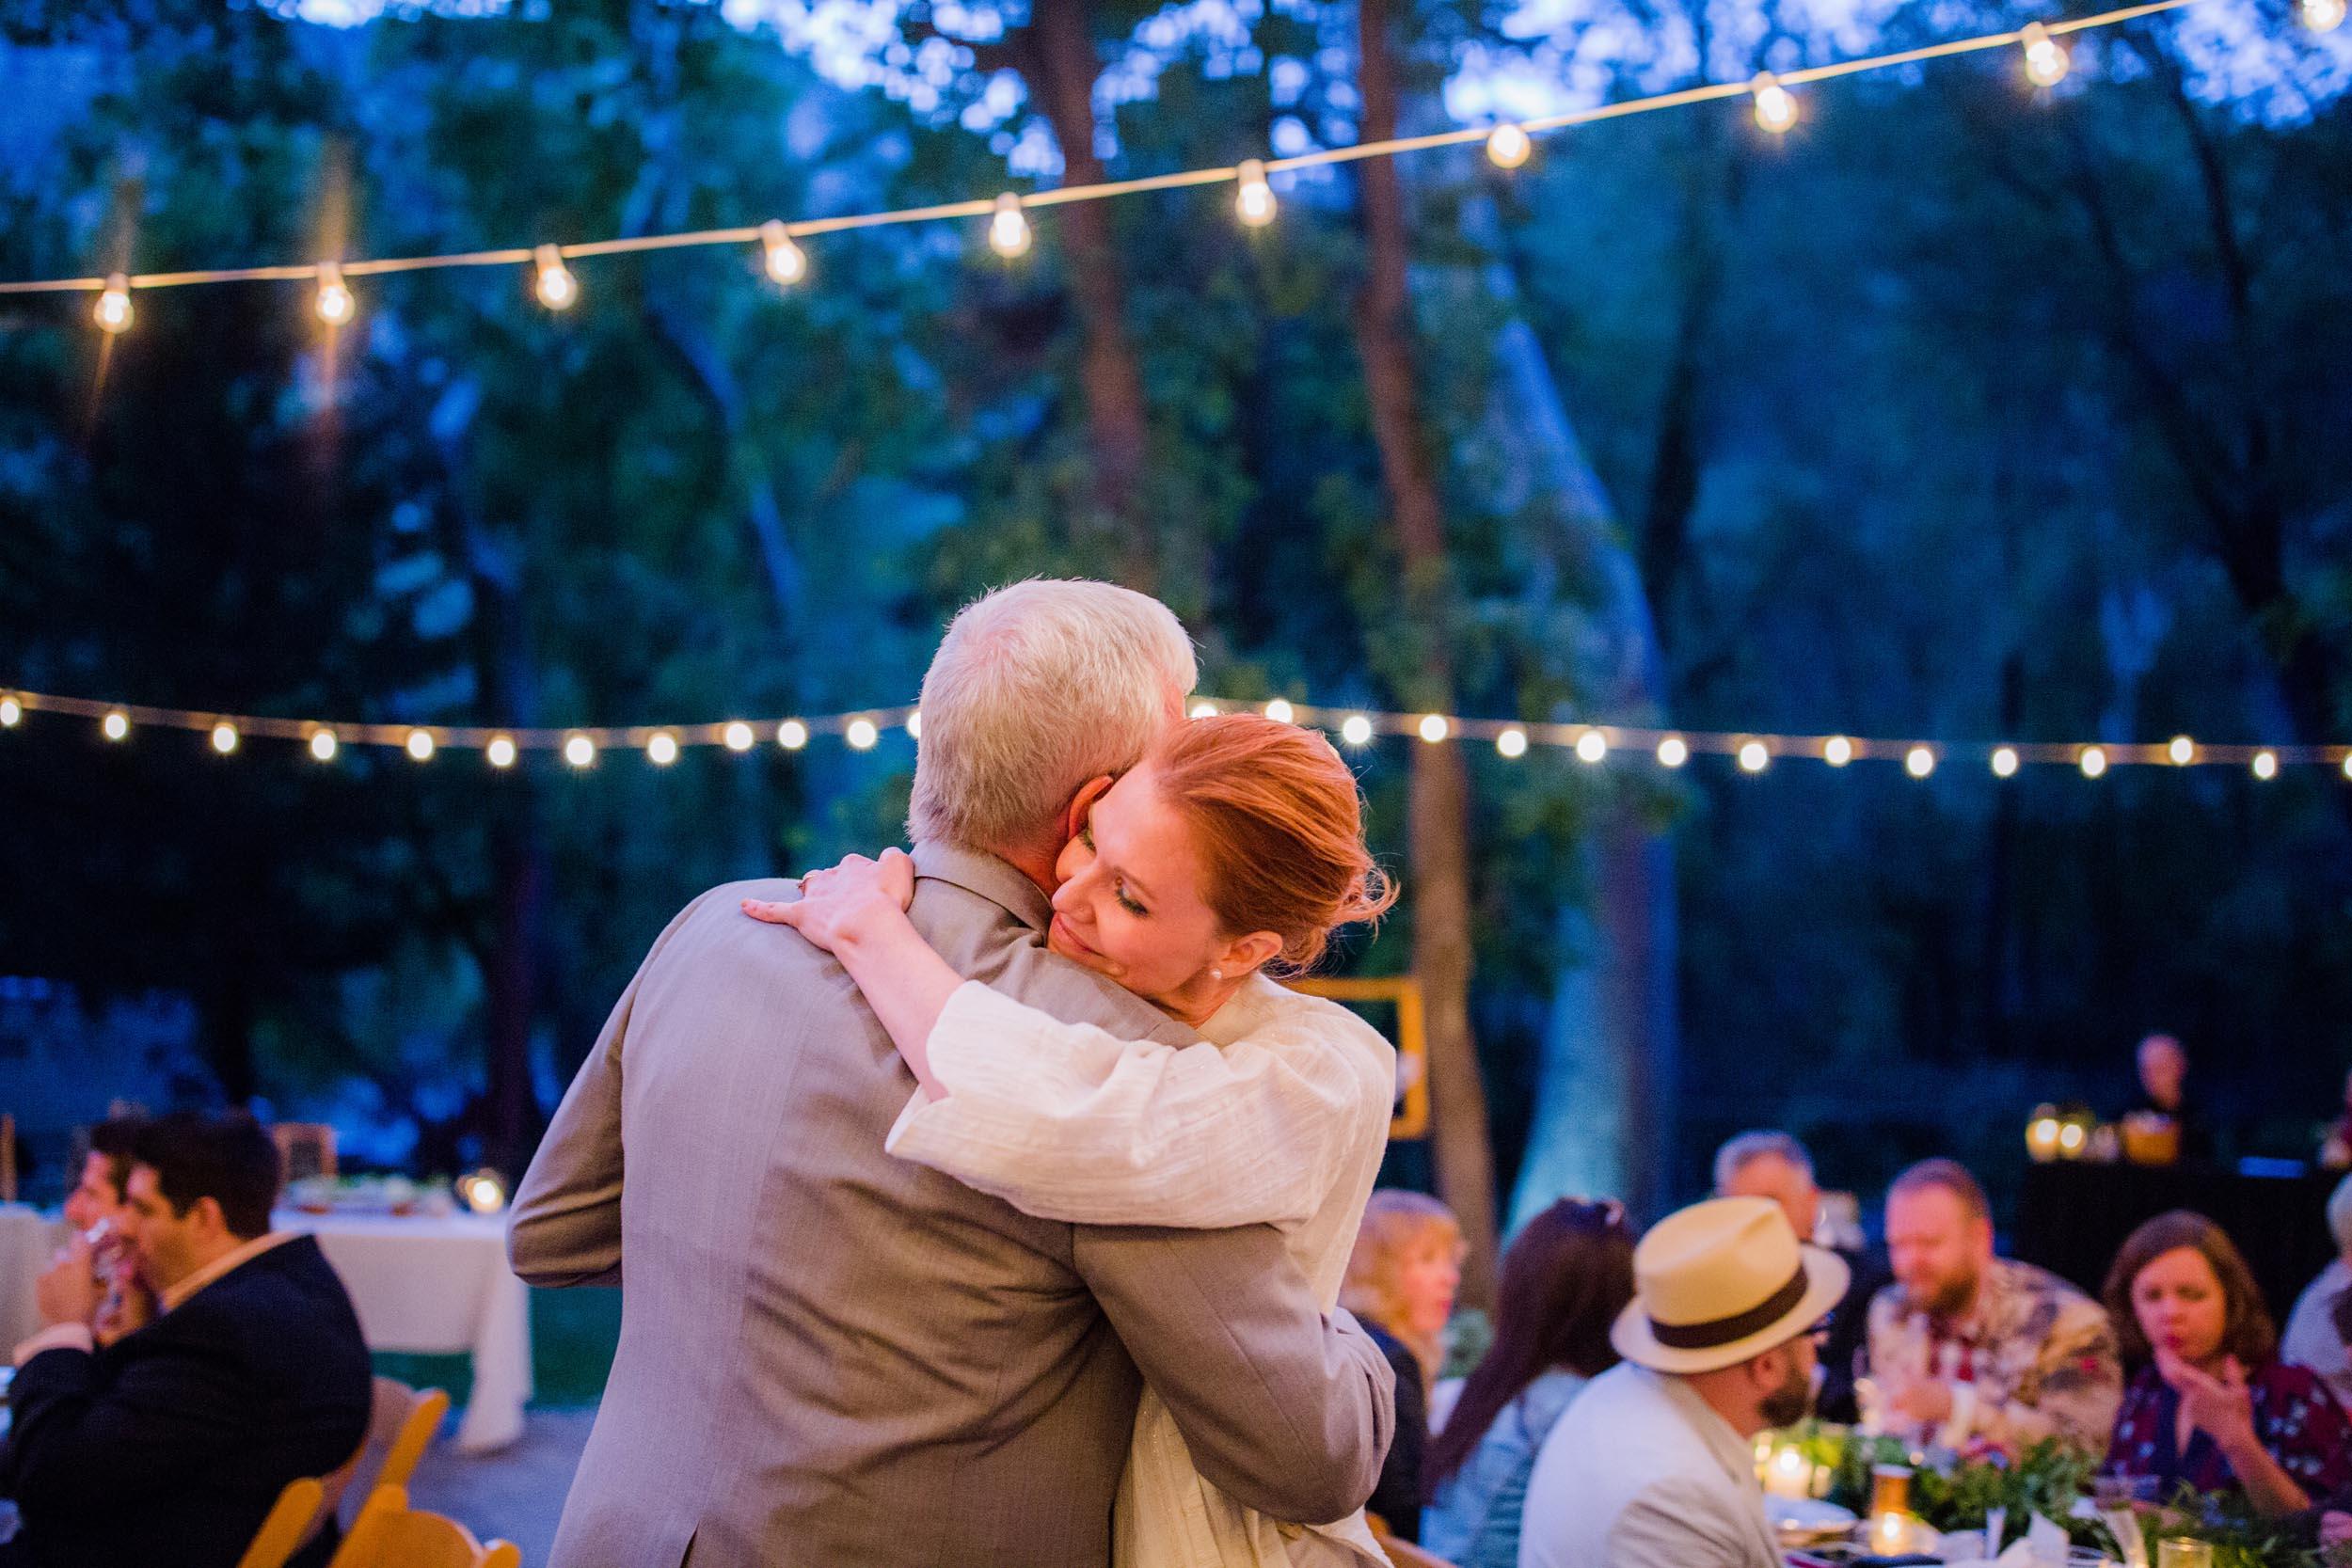 weddings-oakcreek-25.jpg